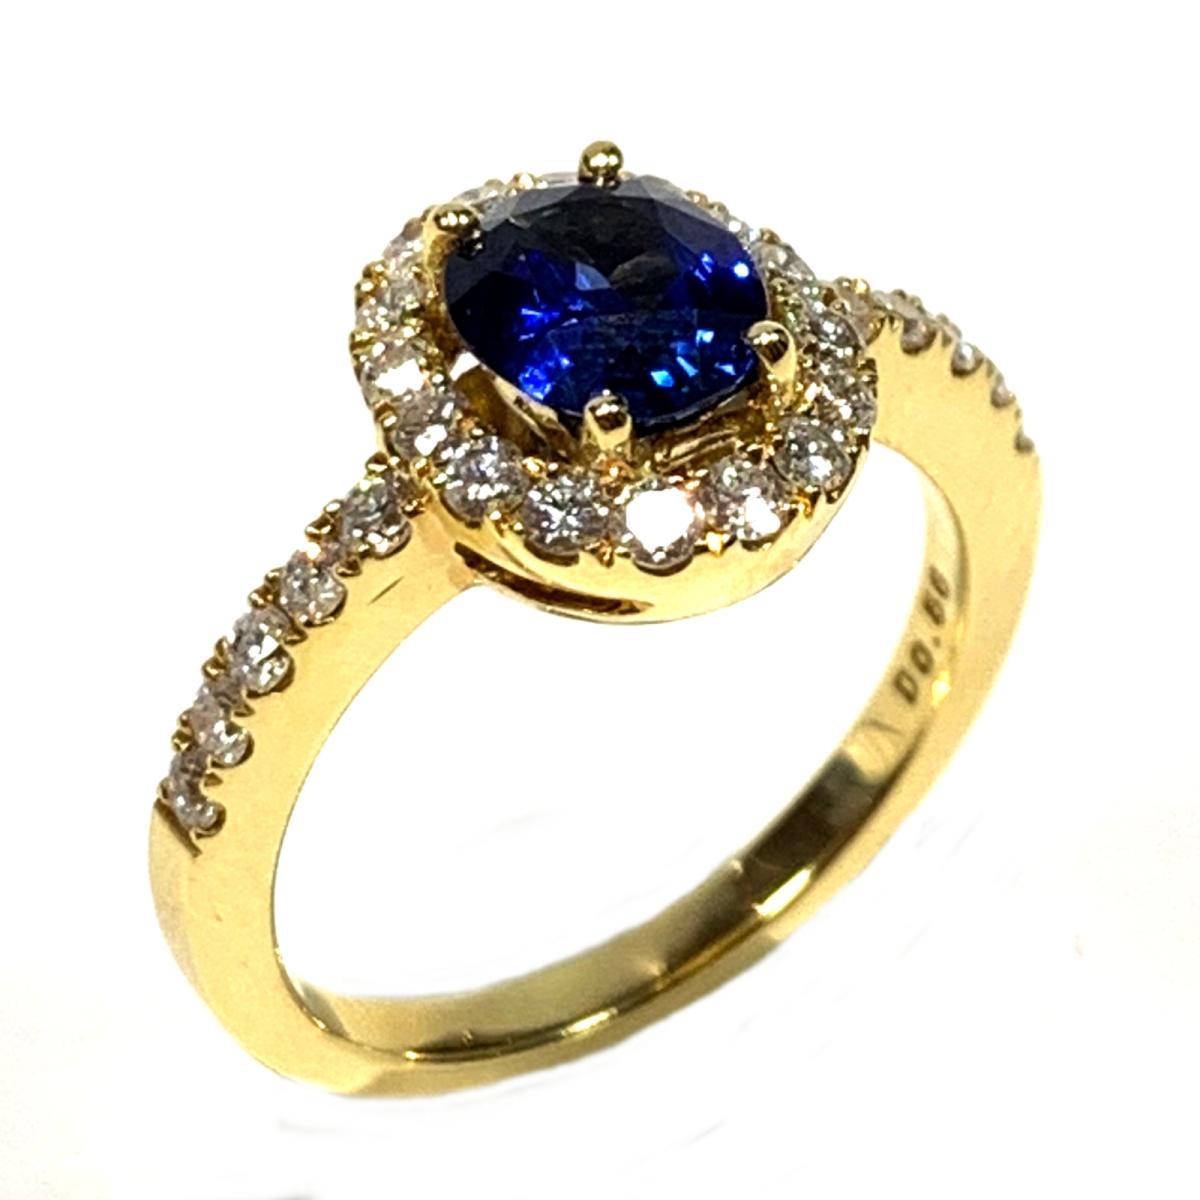 【中古】 ジュエリー サファイア ダイヤモンド リング 指輪 レディース K18YG (750) イエローゴールド x ゴールド ブルー | JEWELRY BRANDOFF ブランドオフ ブランド アクセサリー